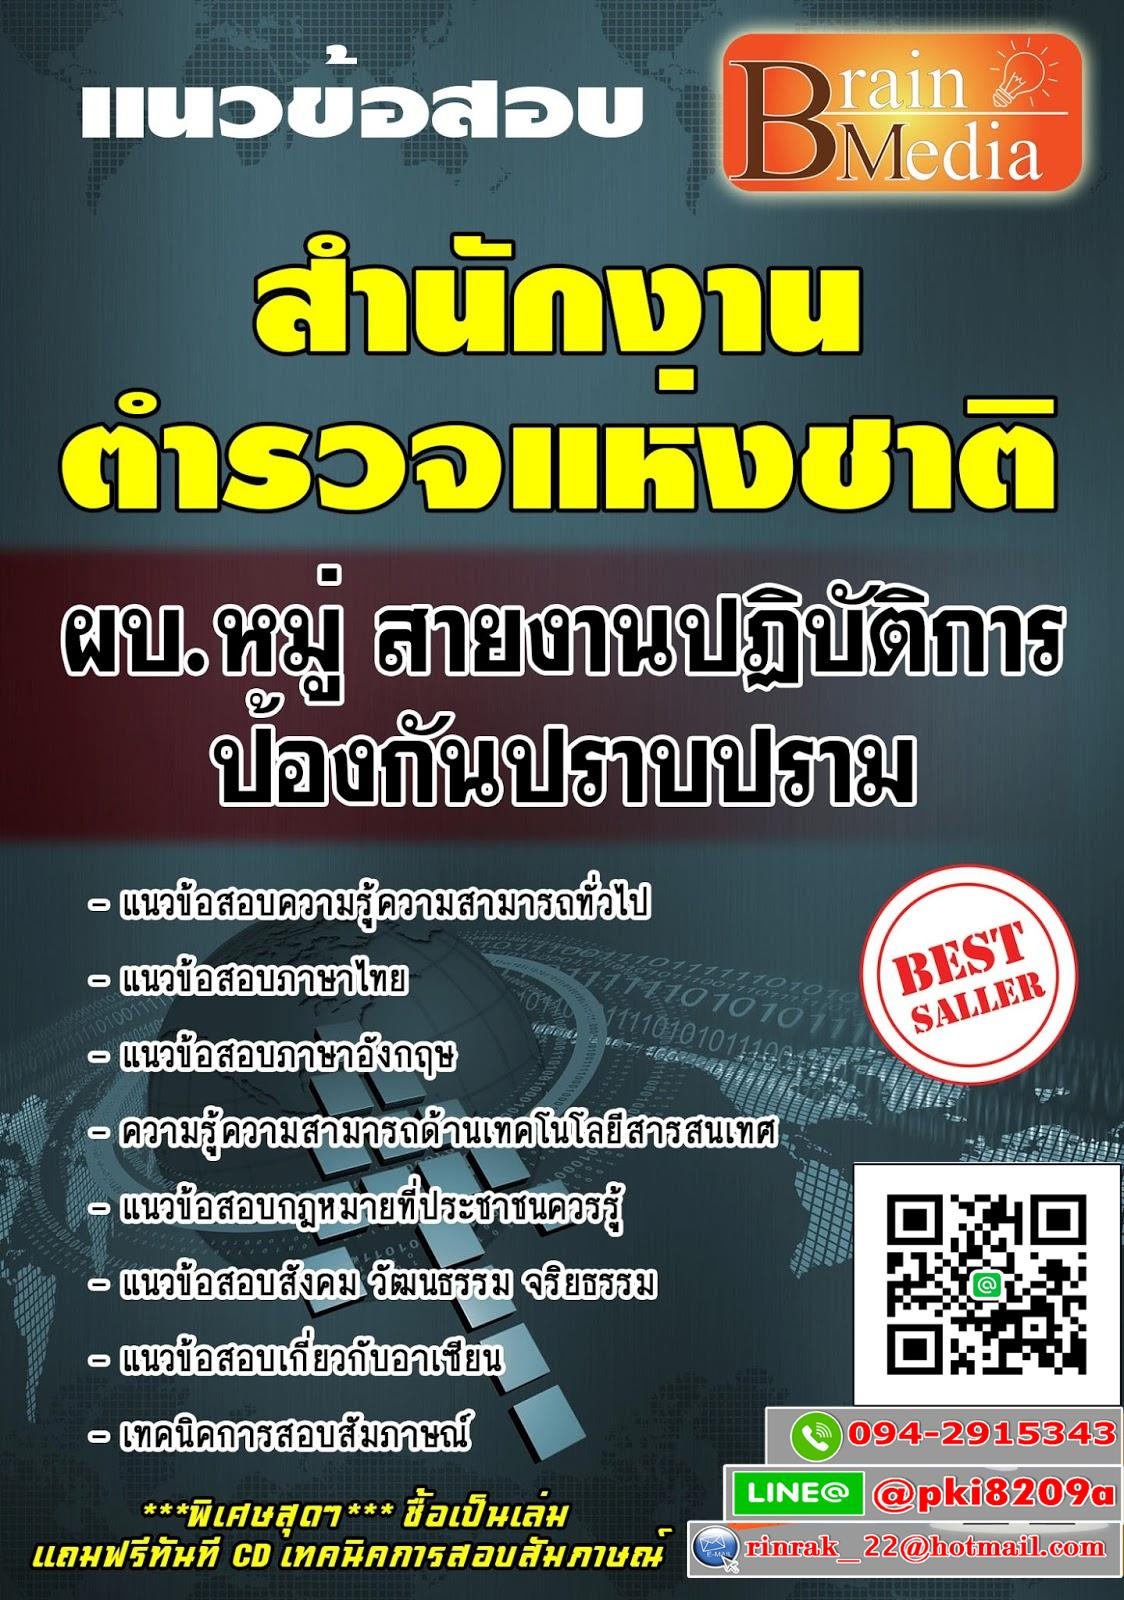 สรุปแนวข้อสอบ ผบ.หมู่สายงานปฏิบัติการป้องกันปราบปราม สำนักงานตำรวจแห่งชาติ